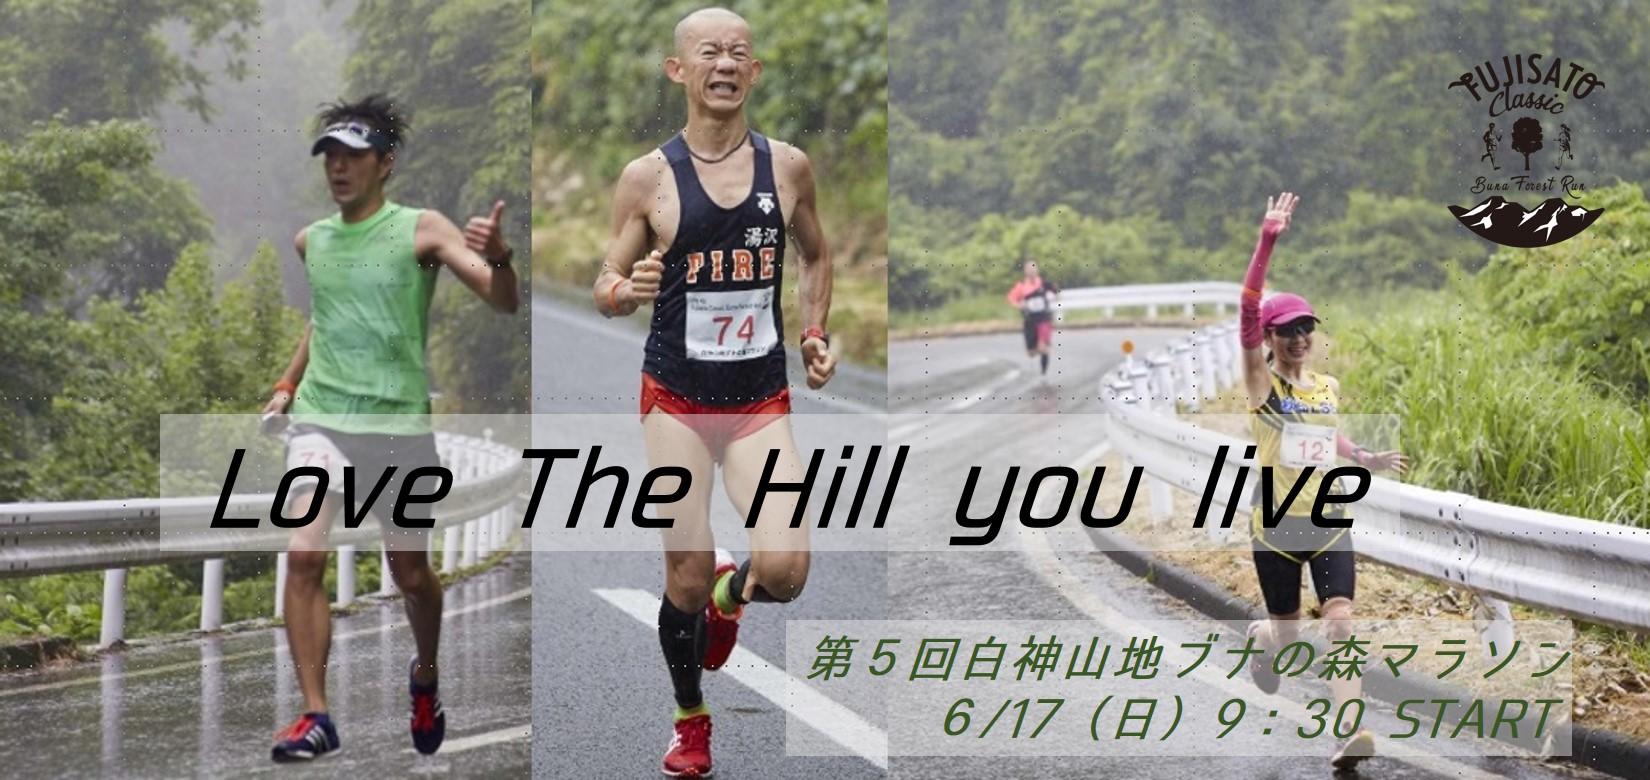 第5回 白神山地ブナの森マラソン参加者募集!!